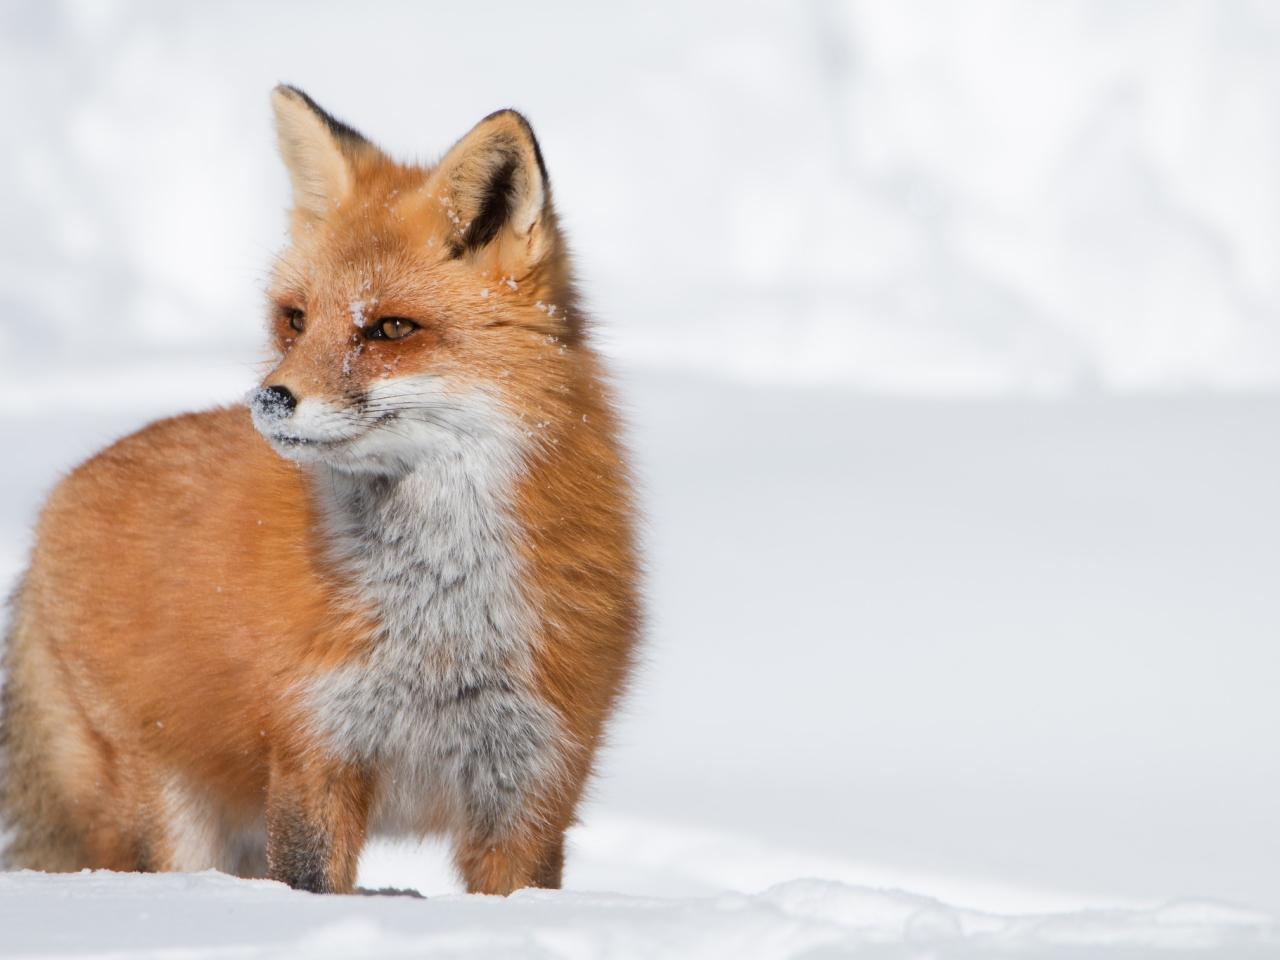 Un zorro rojo en las nieves - 1280x960